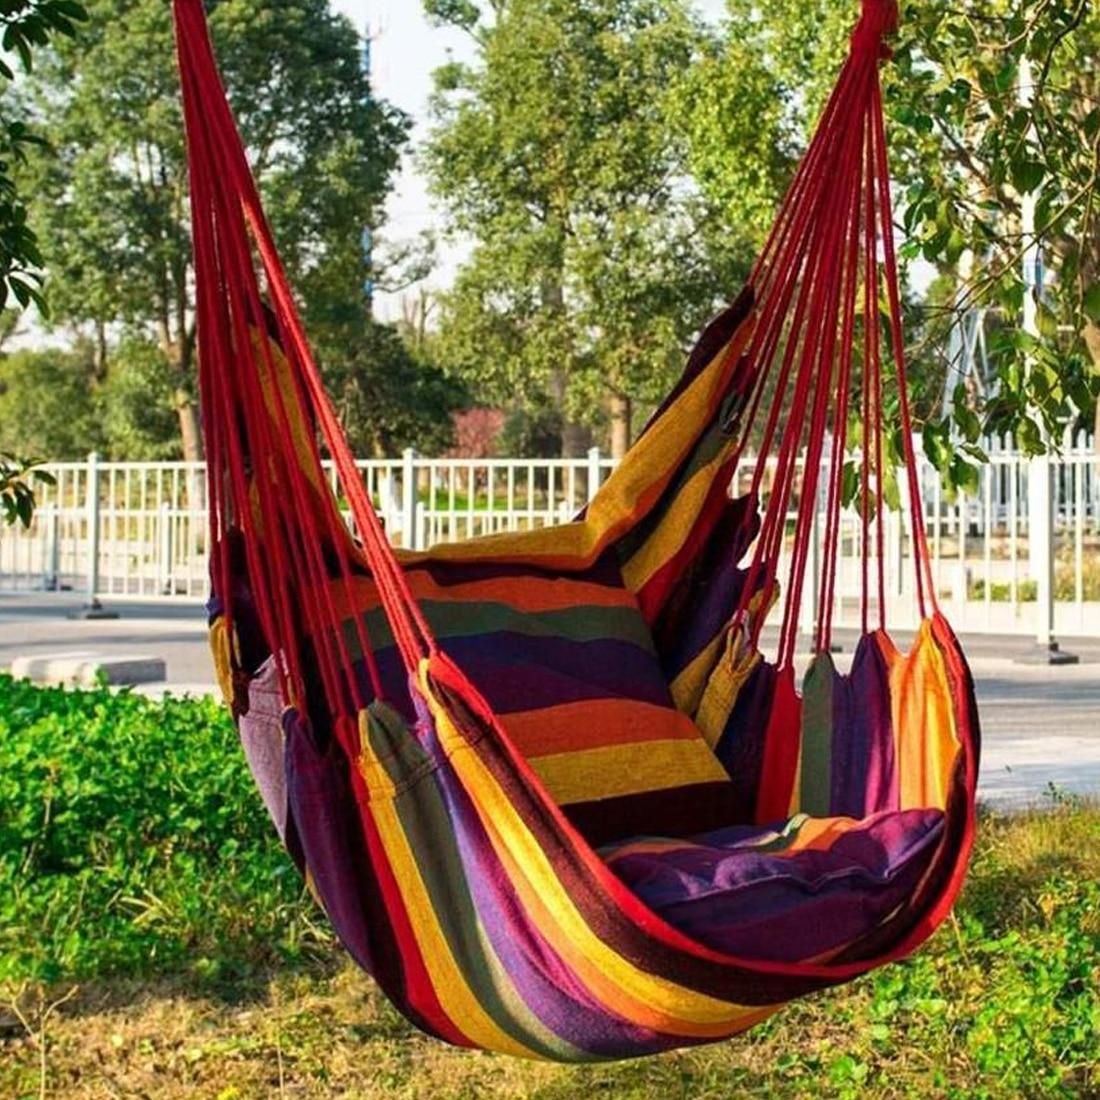 150kg Garden Hang Chair Swinging Indoor Outdoor Furniture Hammock Hanging Rope Chair Swing Chair Seat portable camping seat